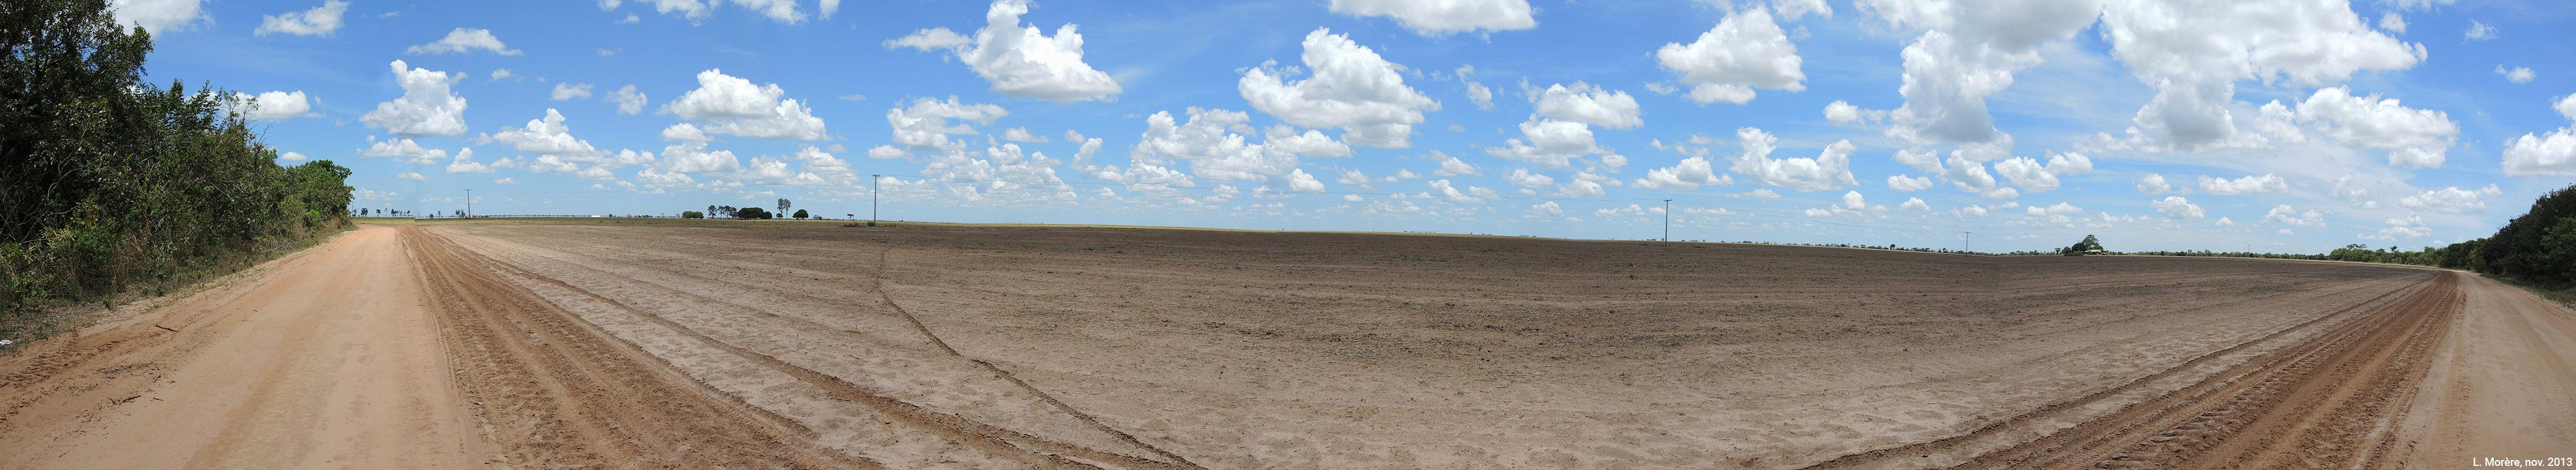 Lucie Morère —  photographie Déforestation du Cerrado dans le município de Chapada Gaúcha